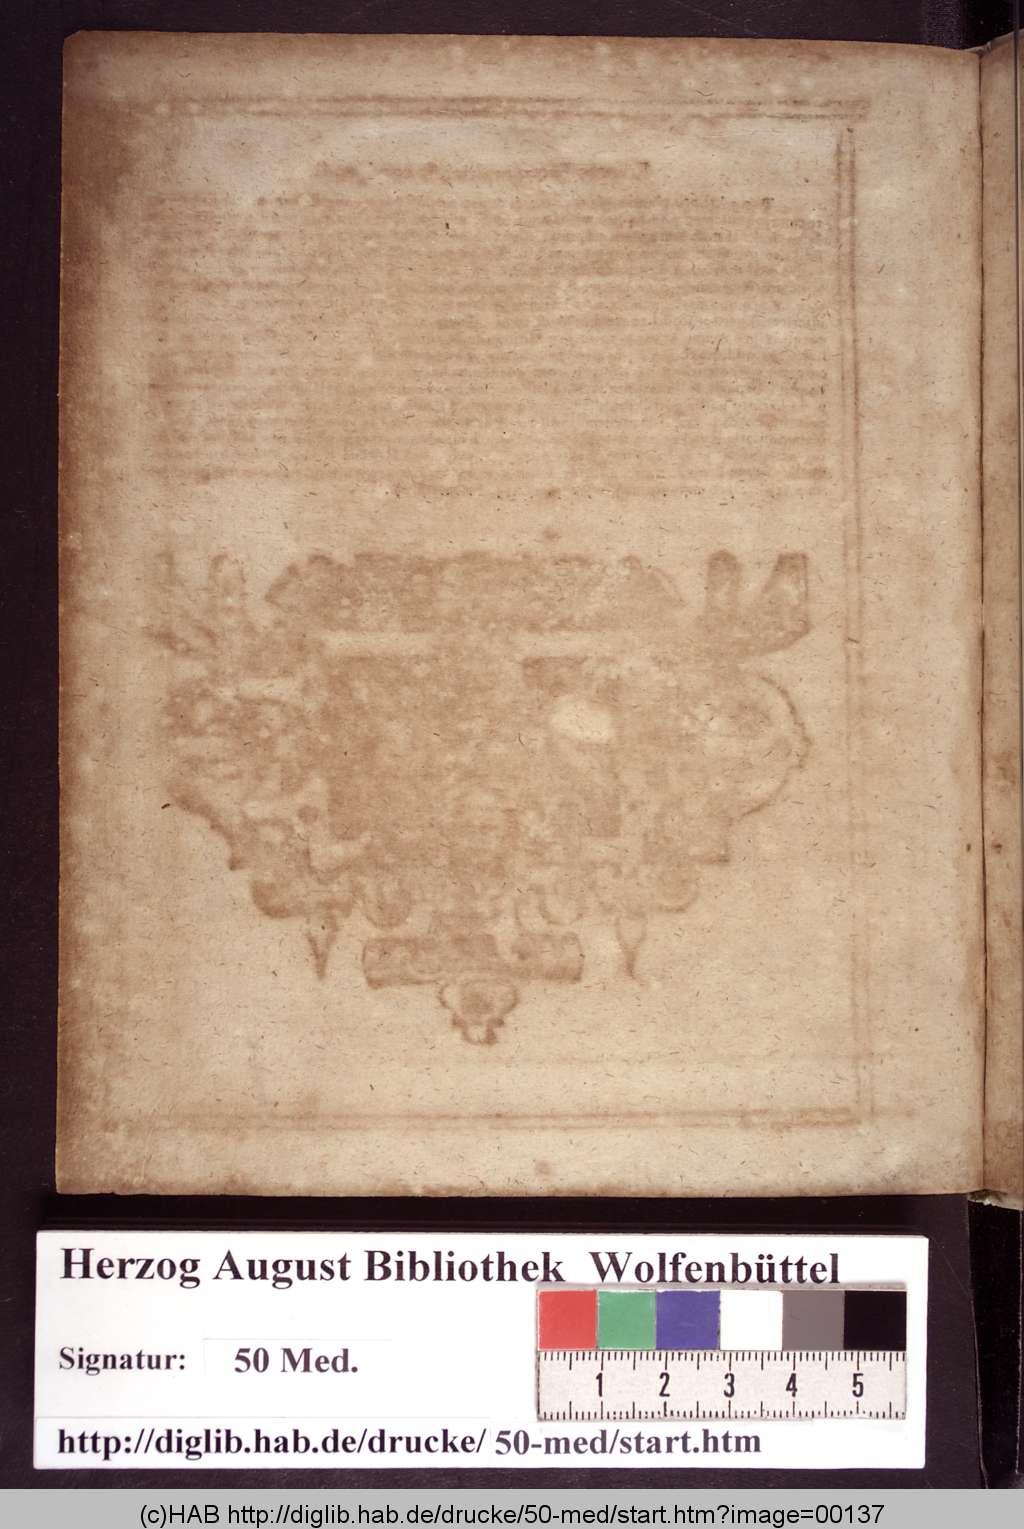 http://diglib.hab.de/drucke/50-med/00137.jpg